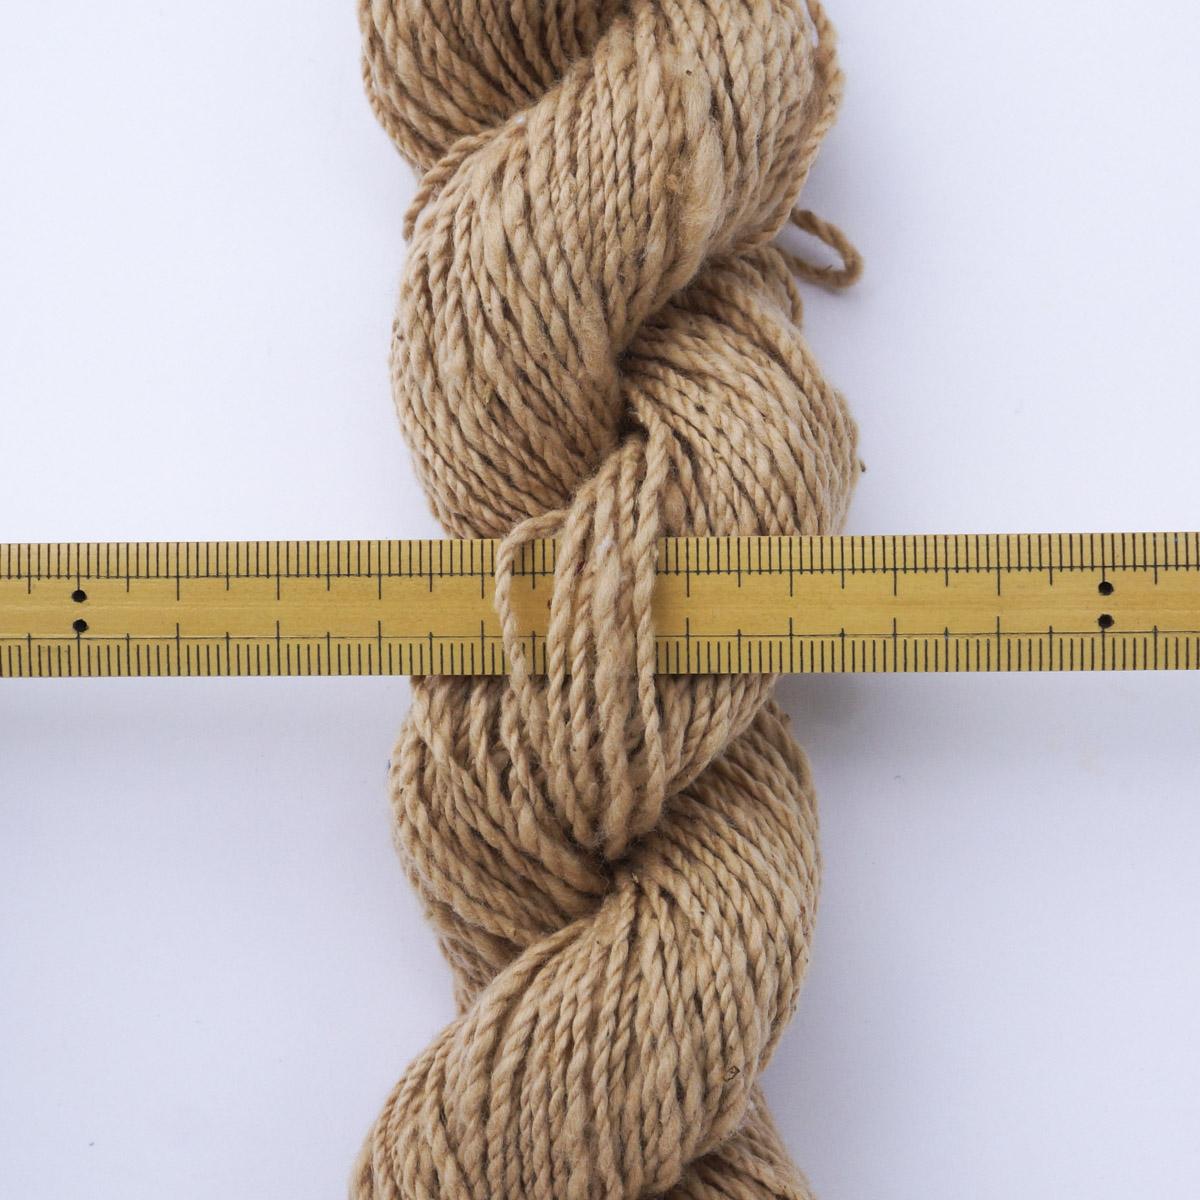 ガラ紡糸|417/2番手糸 茶綿 20g